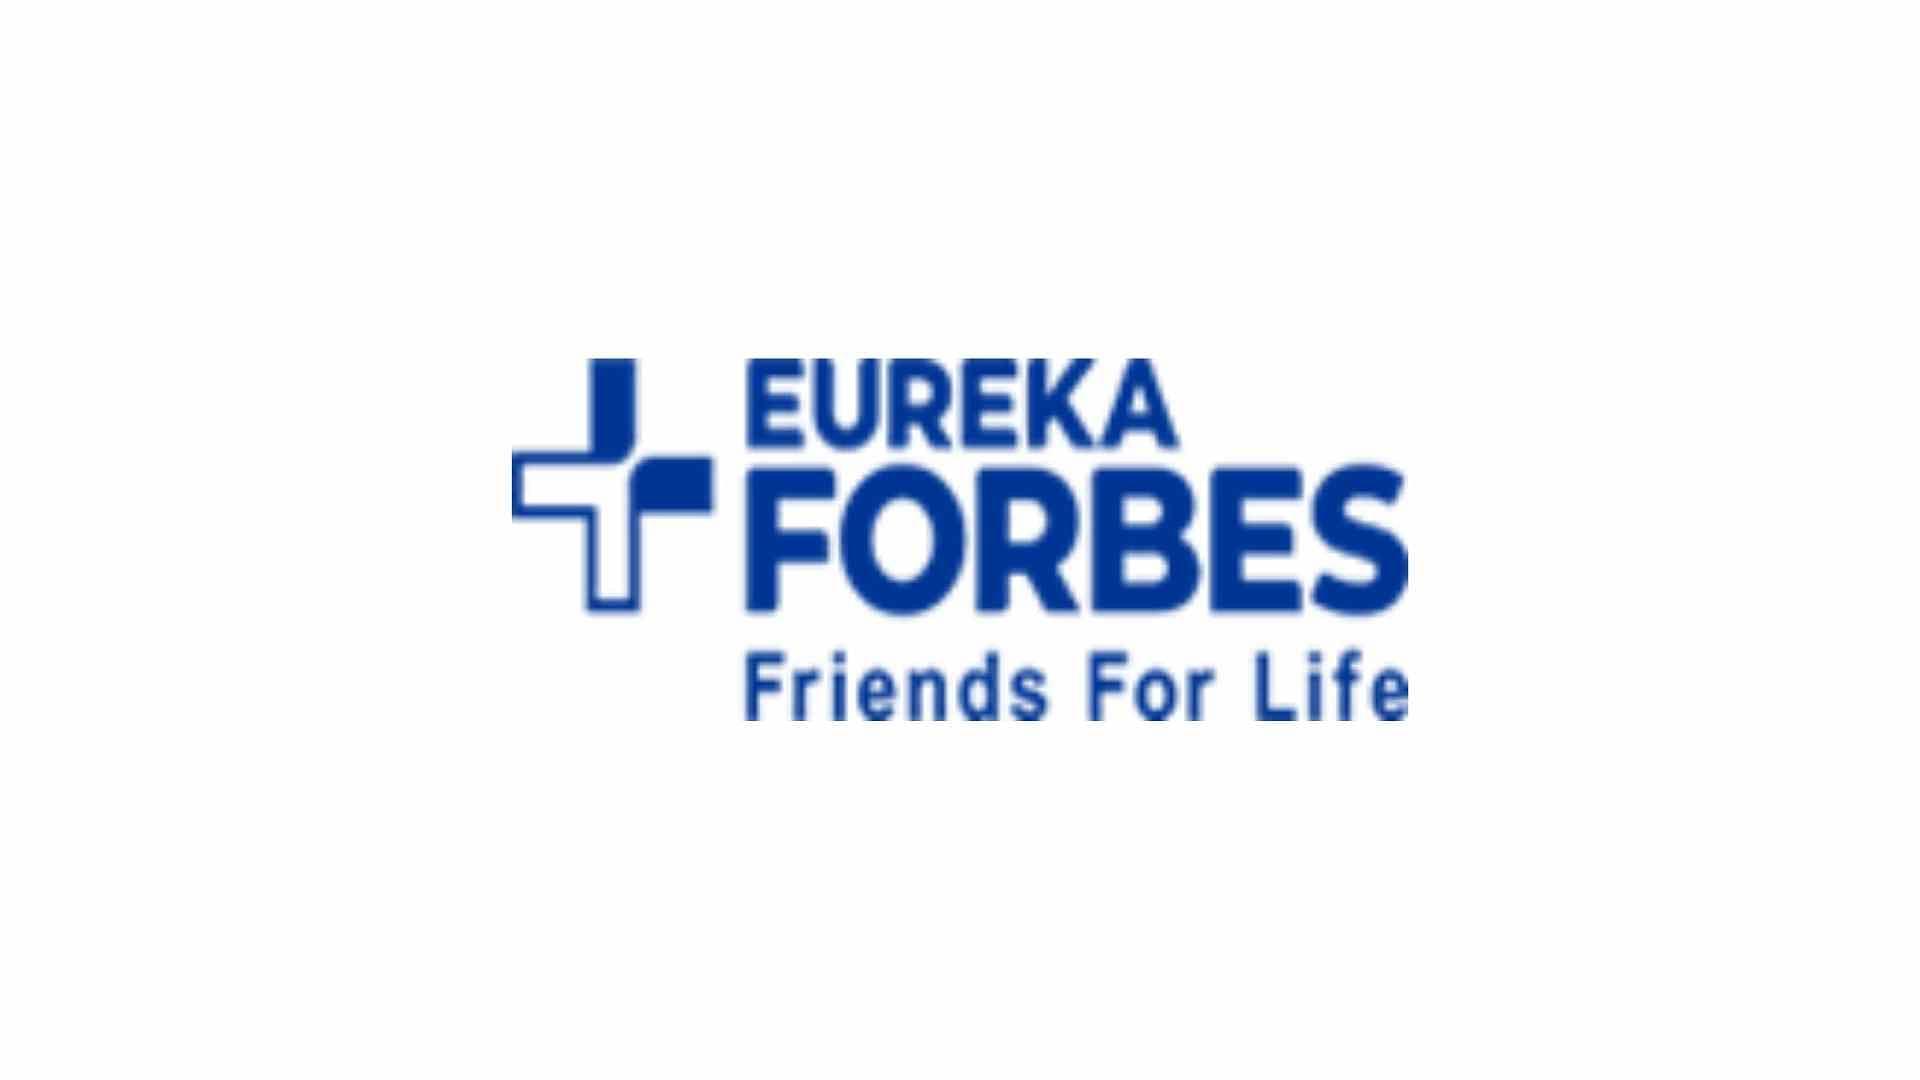 eureka forbes?blur=25